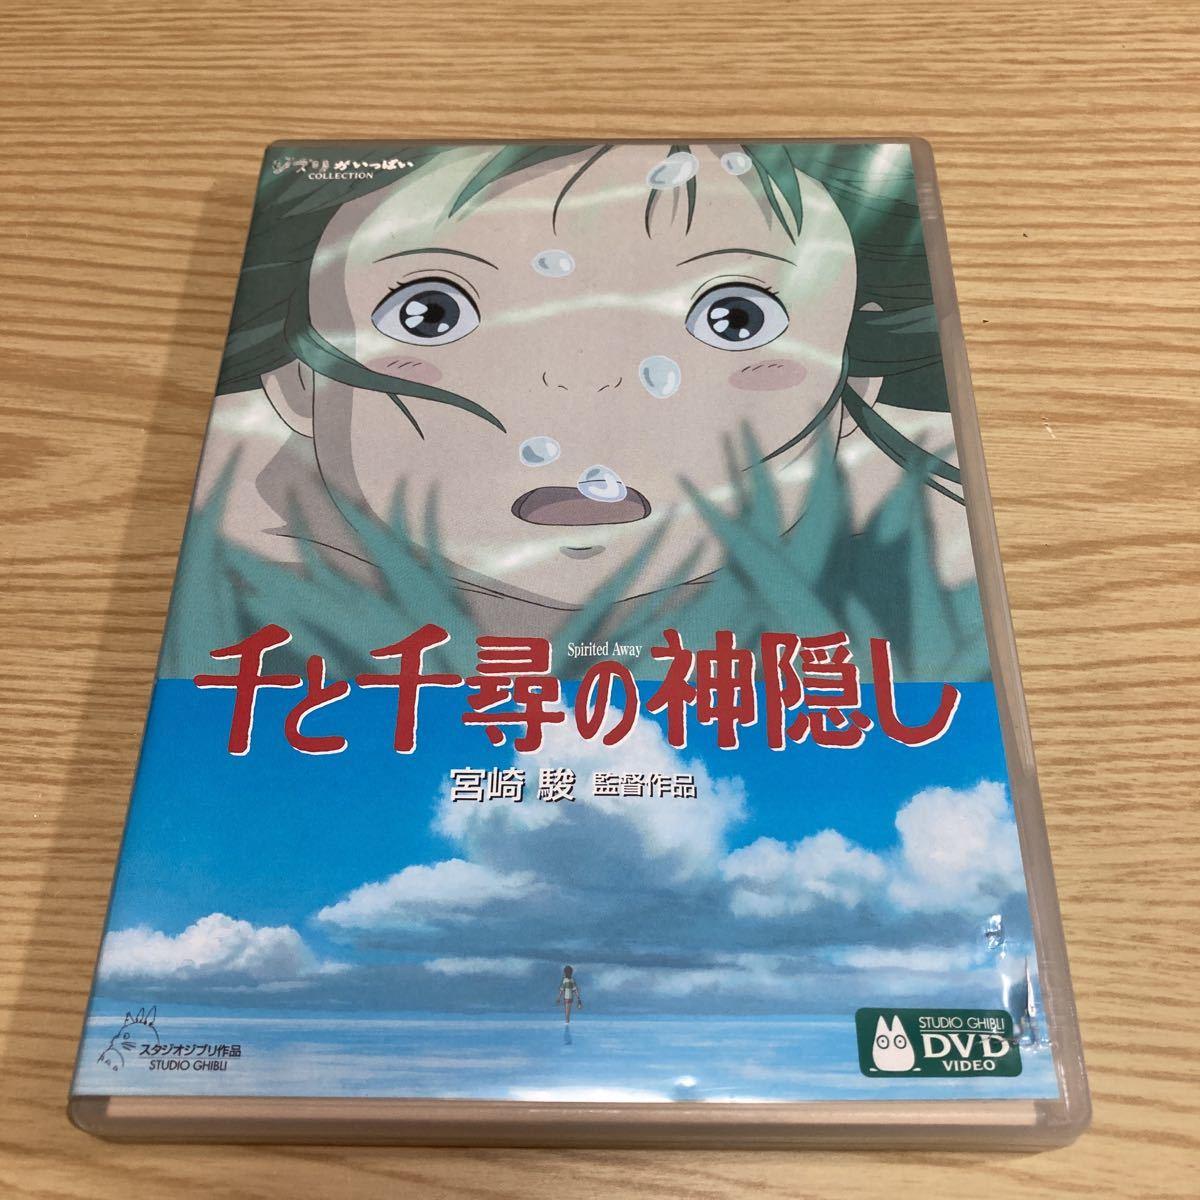 千と千尋の神隠し 宮崎駿 DVD ジブリがいっぱい